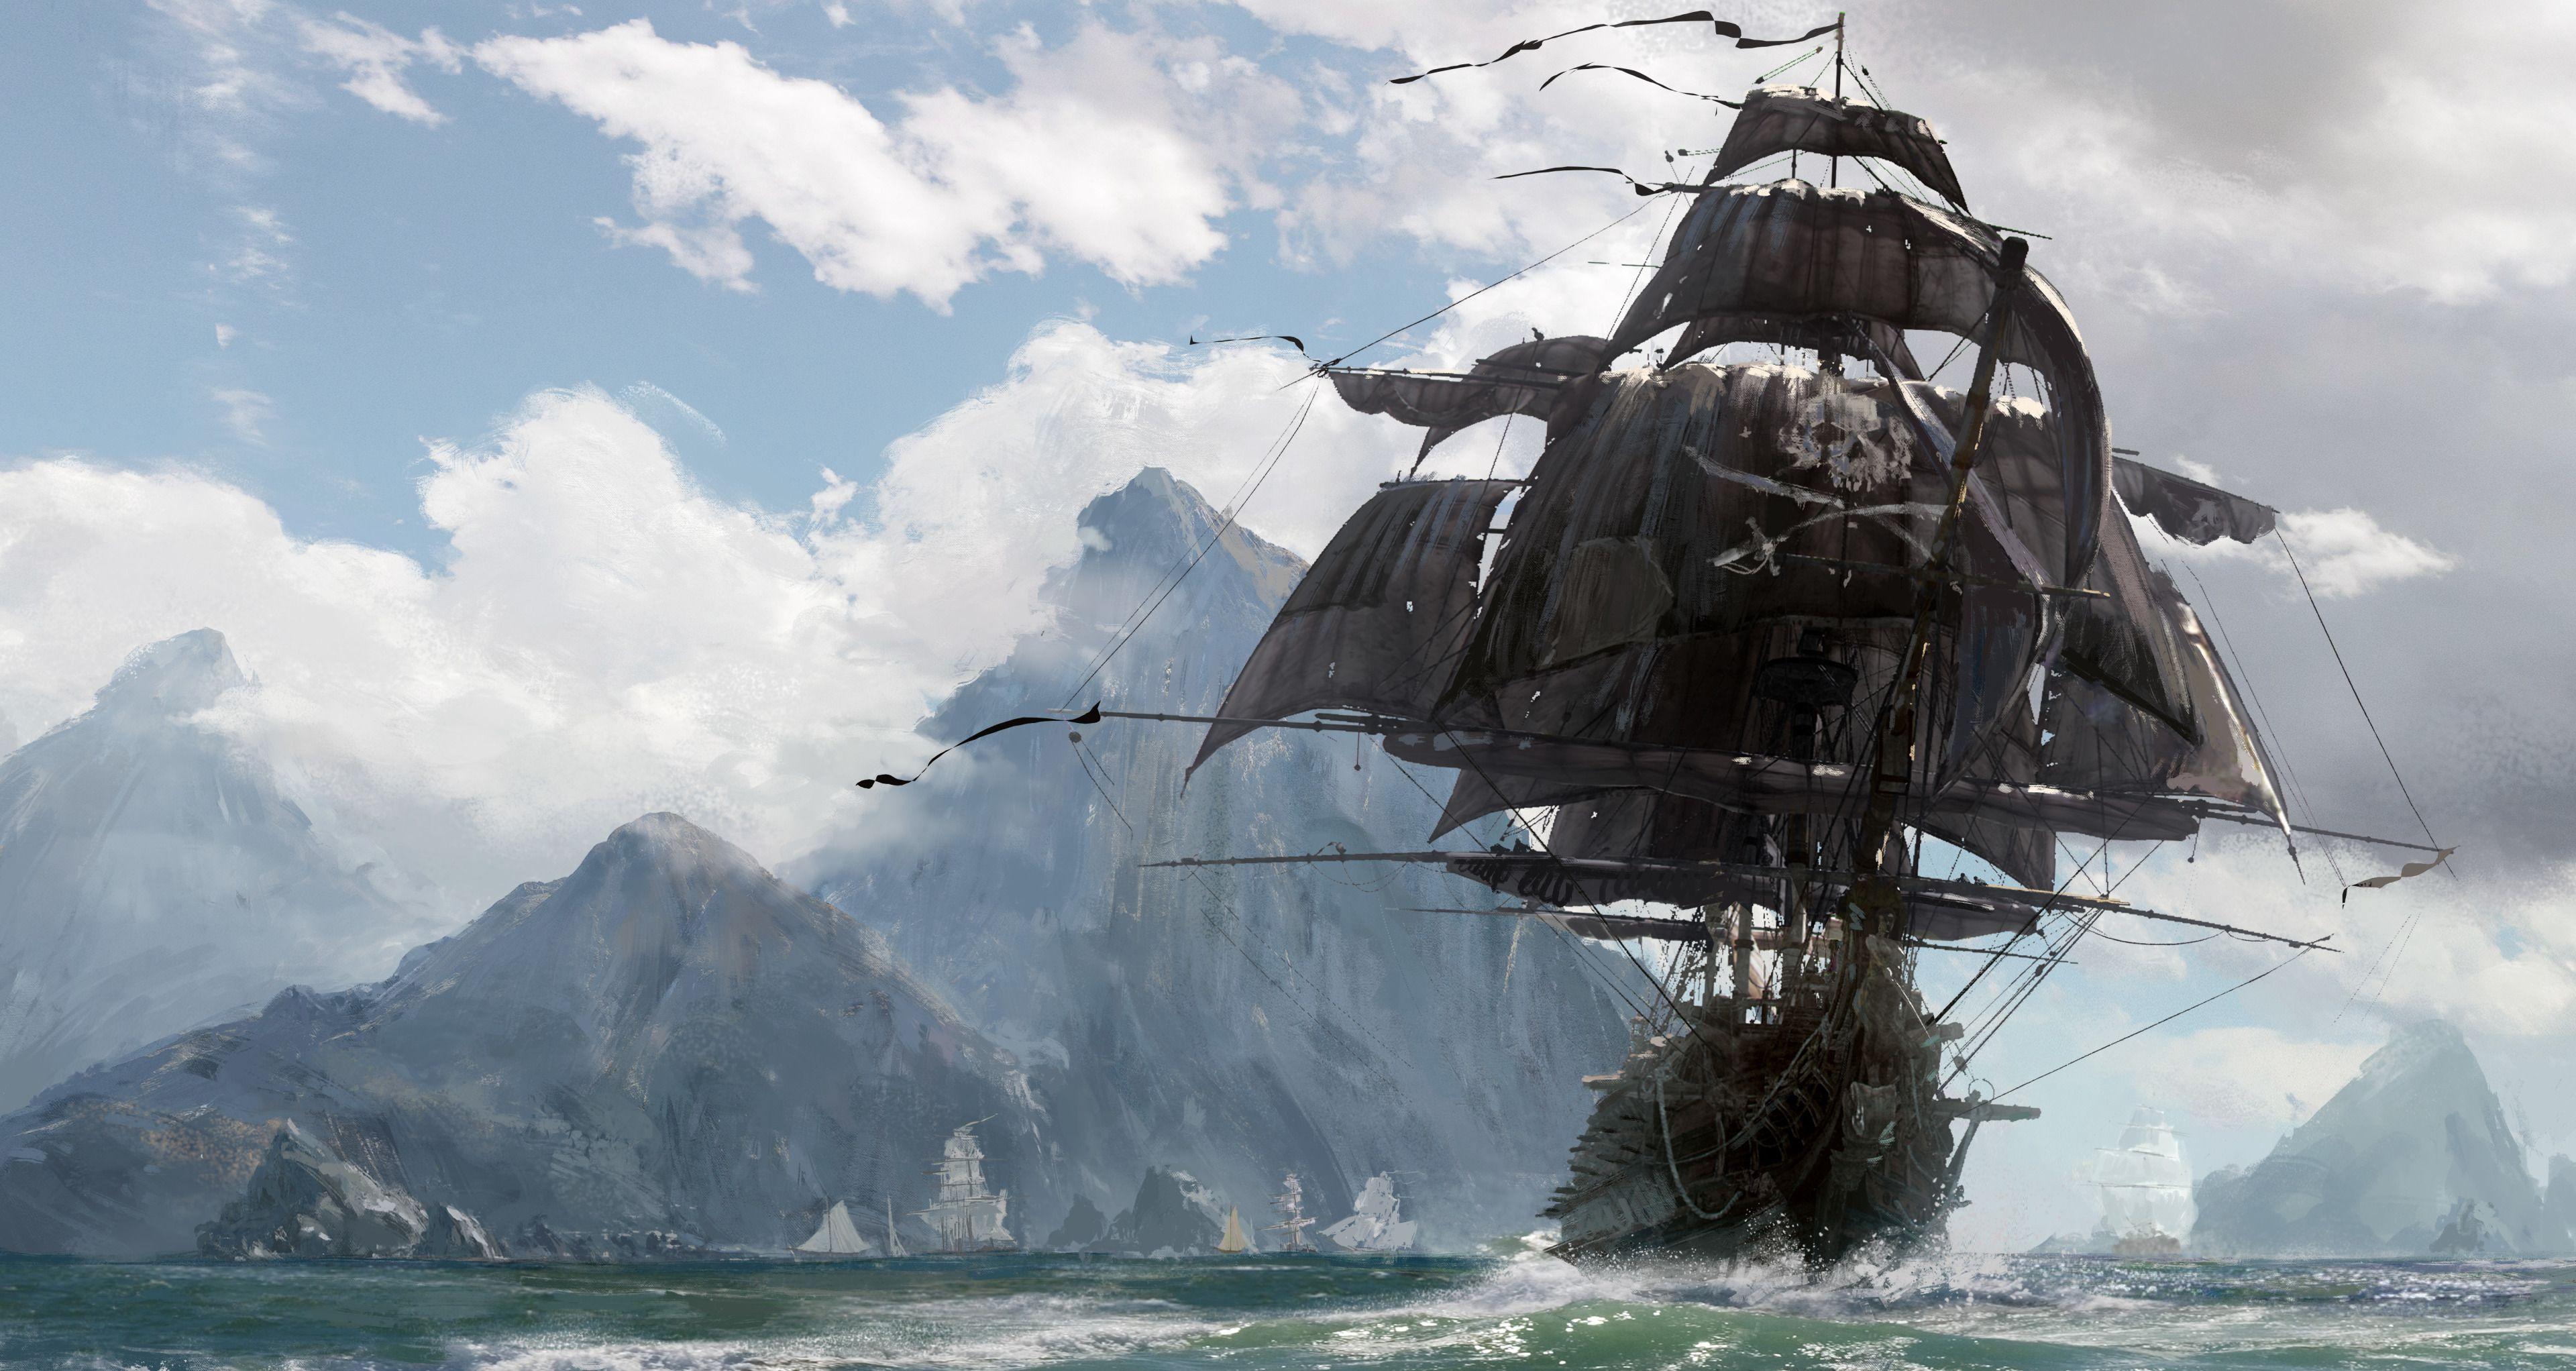 Дню рождения, картинки пиратских кораблей